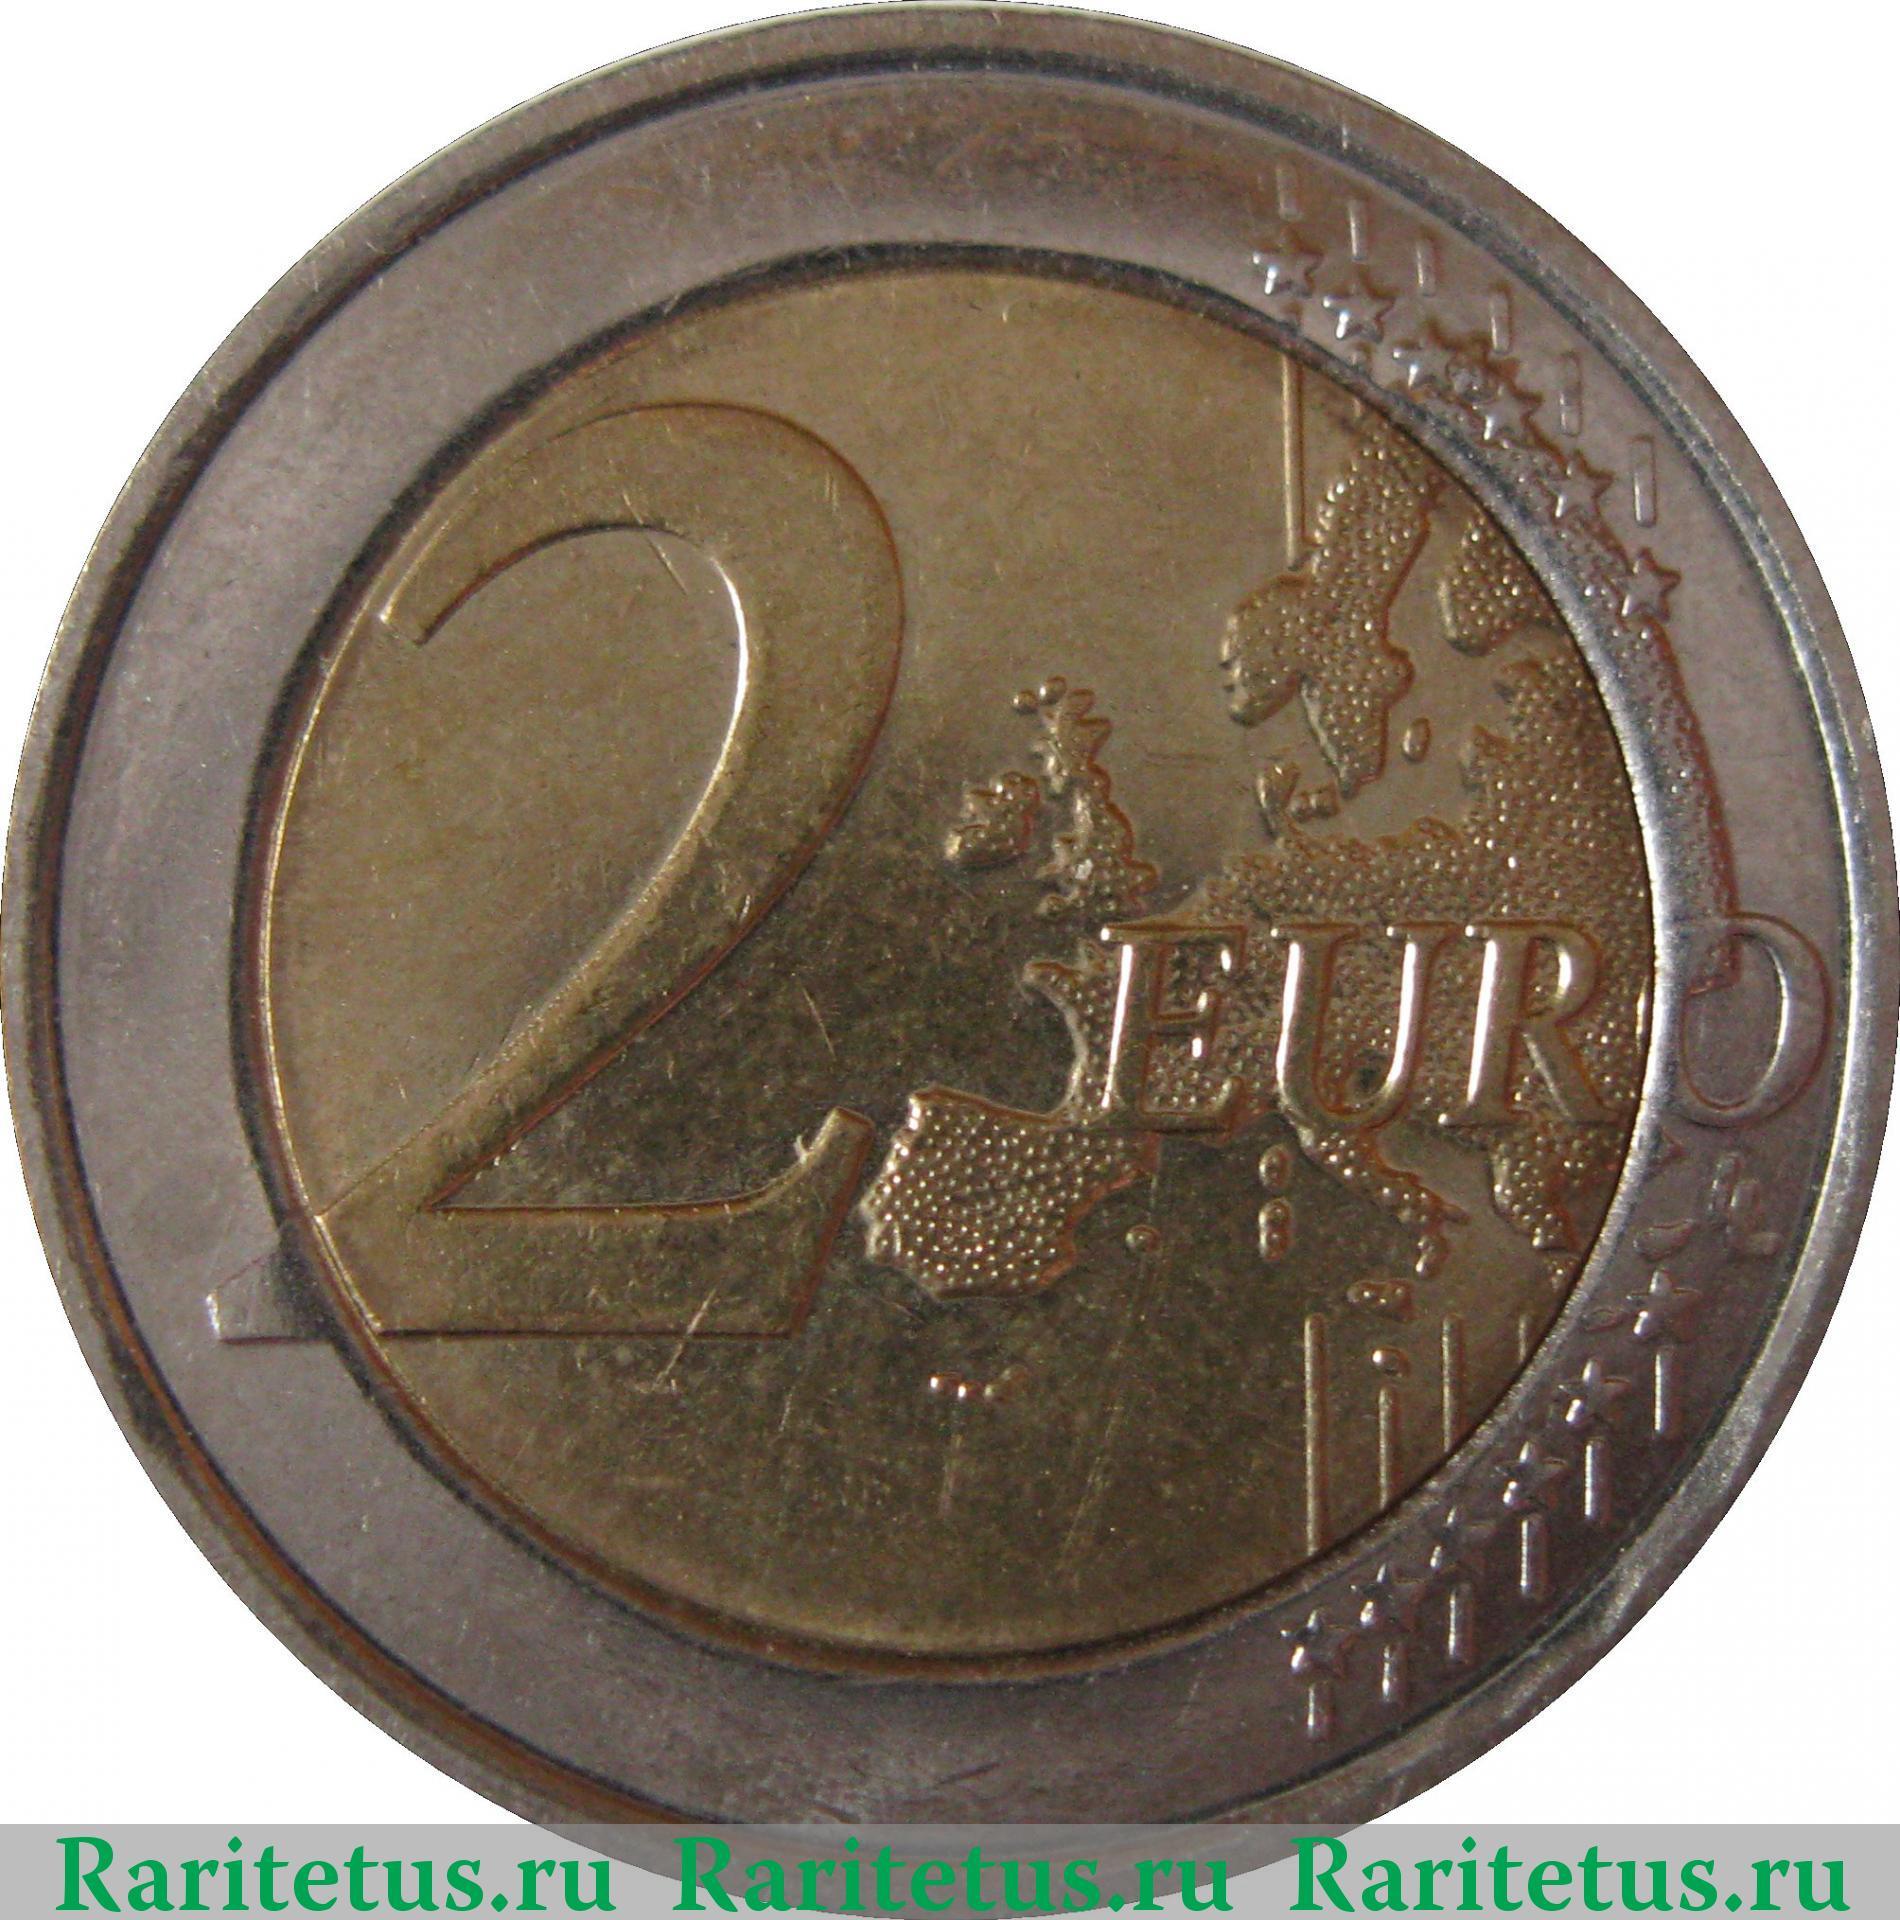 Монета 2 евро 2008 5 копеек украина 2008 стоимость